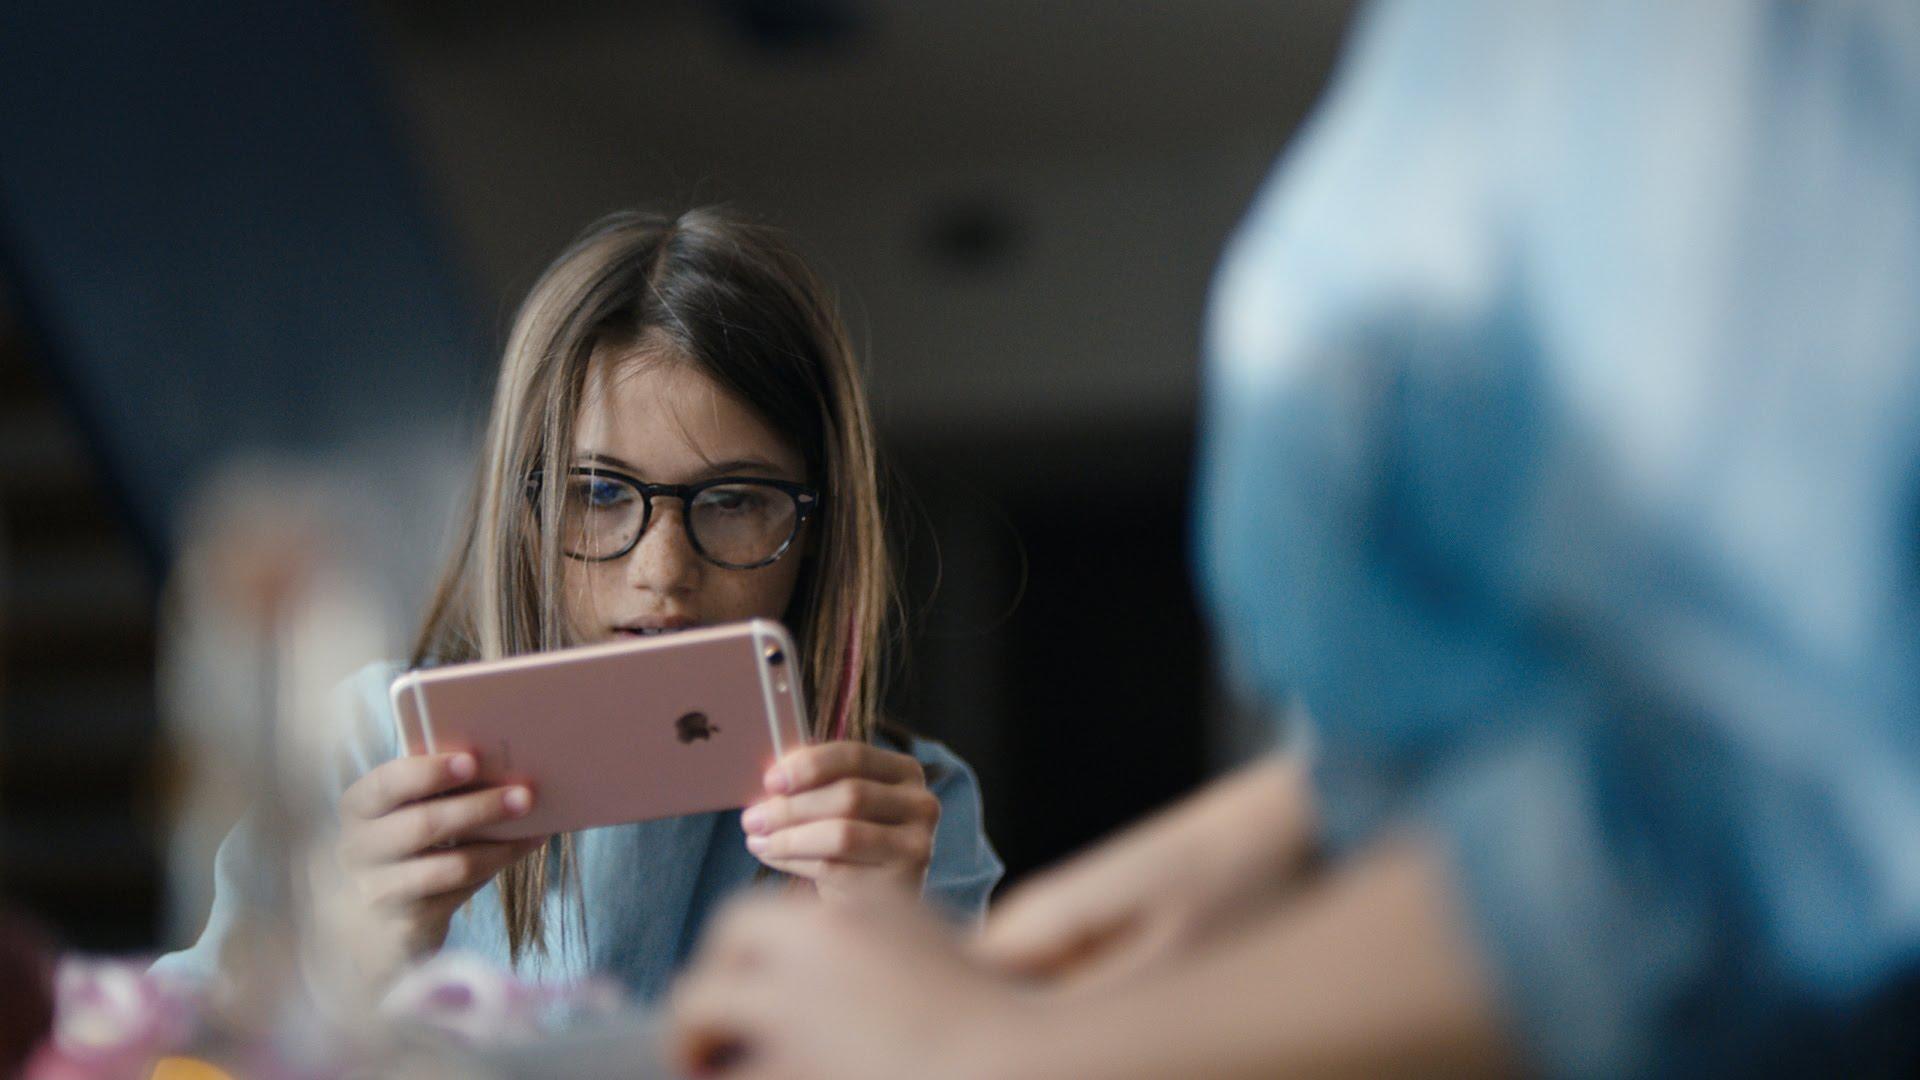 Survei Membuktikan, Soal Asmara Pemilik Iphone Lebih Beruntung dari Android